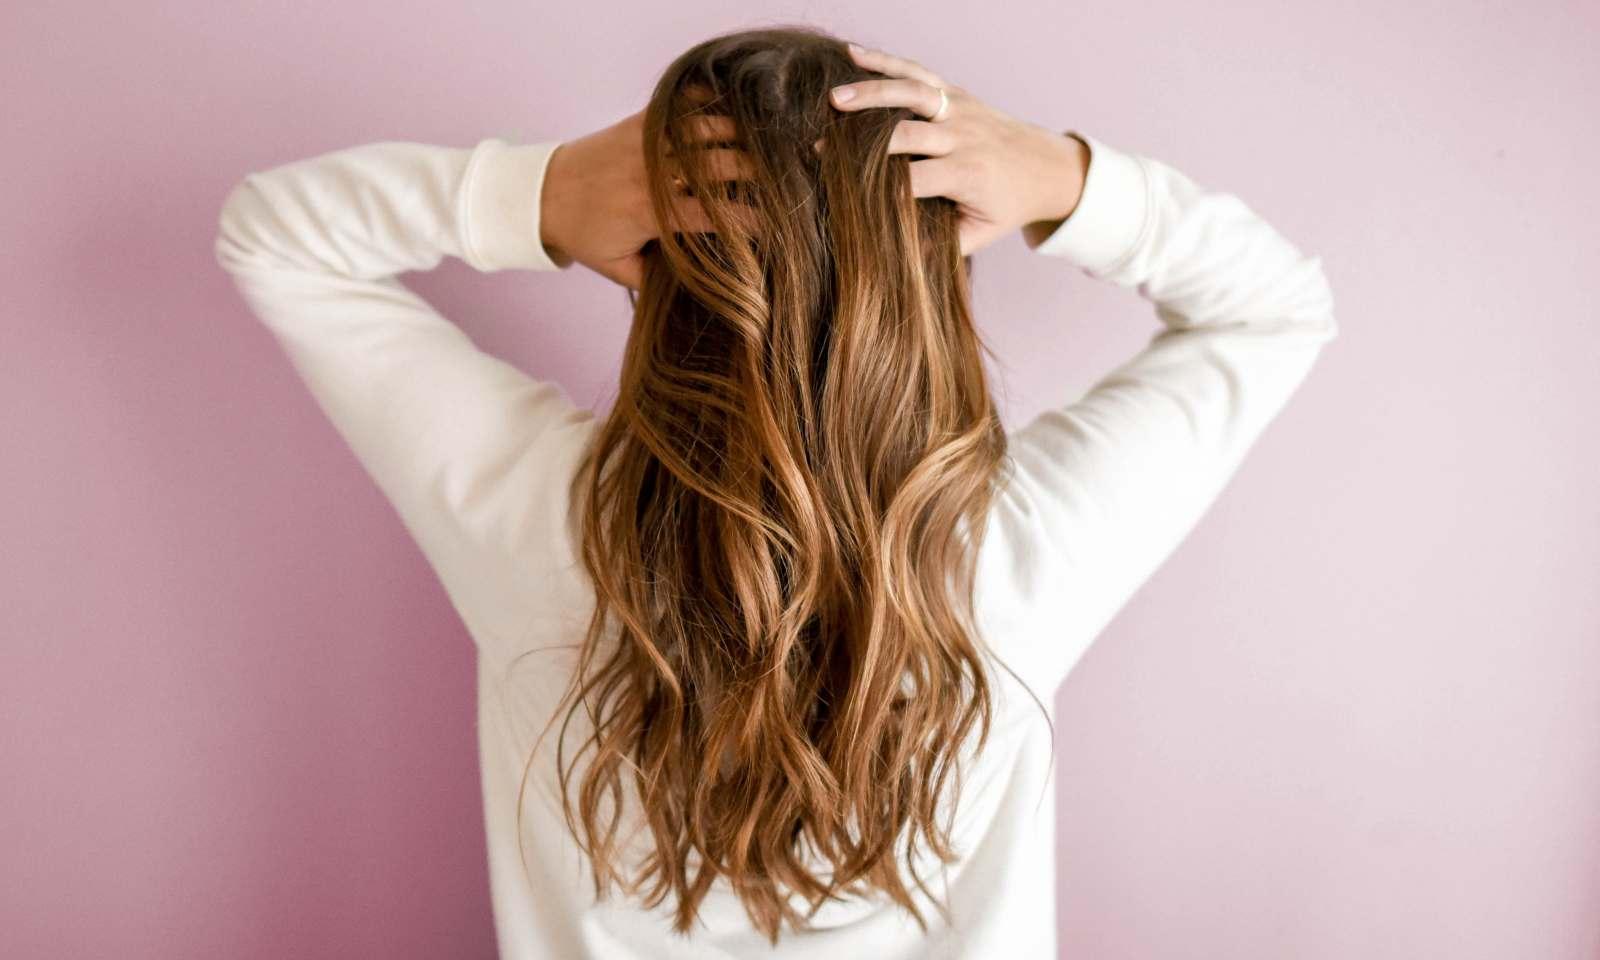 ragazza con capelli lunghi ondulati castano chiaro di spalle si tocca i capelli